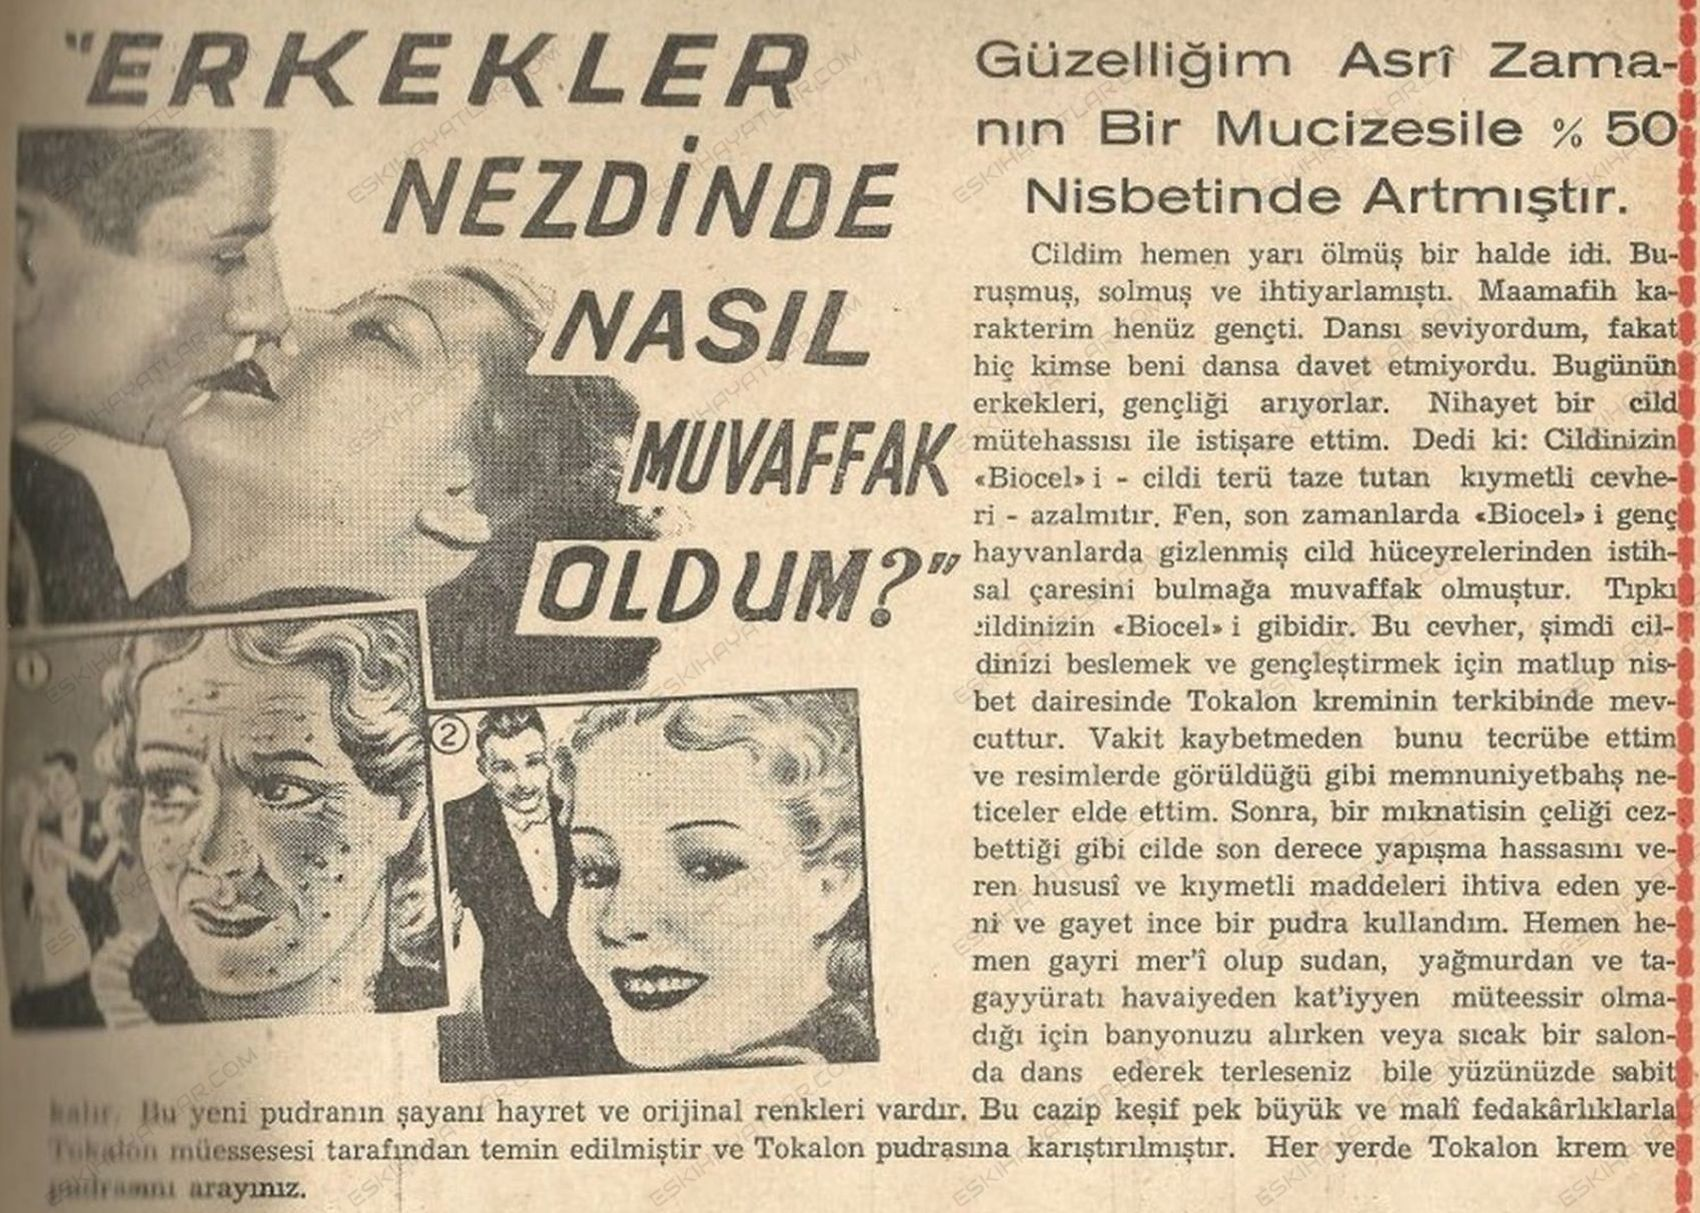 0225-akbaba-dergisi-1938-erkekler-nezdinde-nasil-muvaffak-oldum-tokalon-krem-reklami-otuzlar